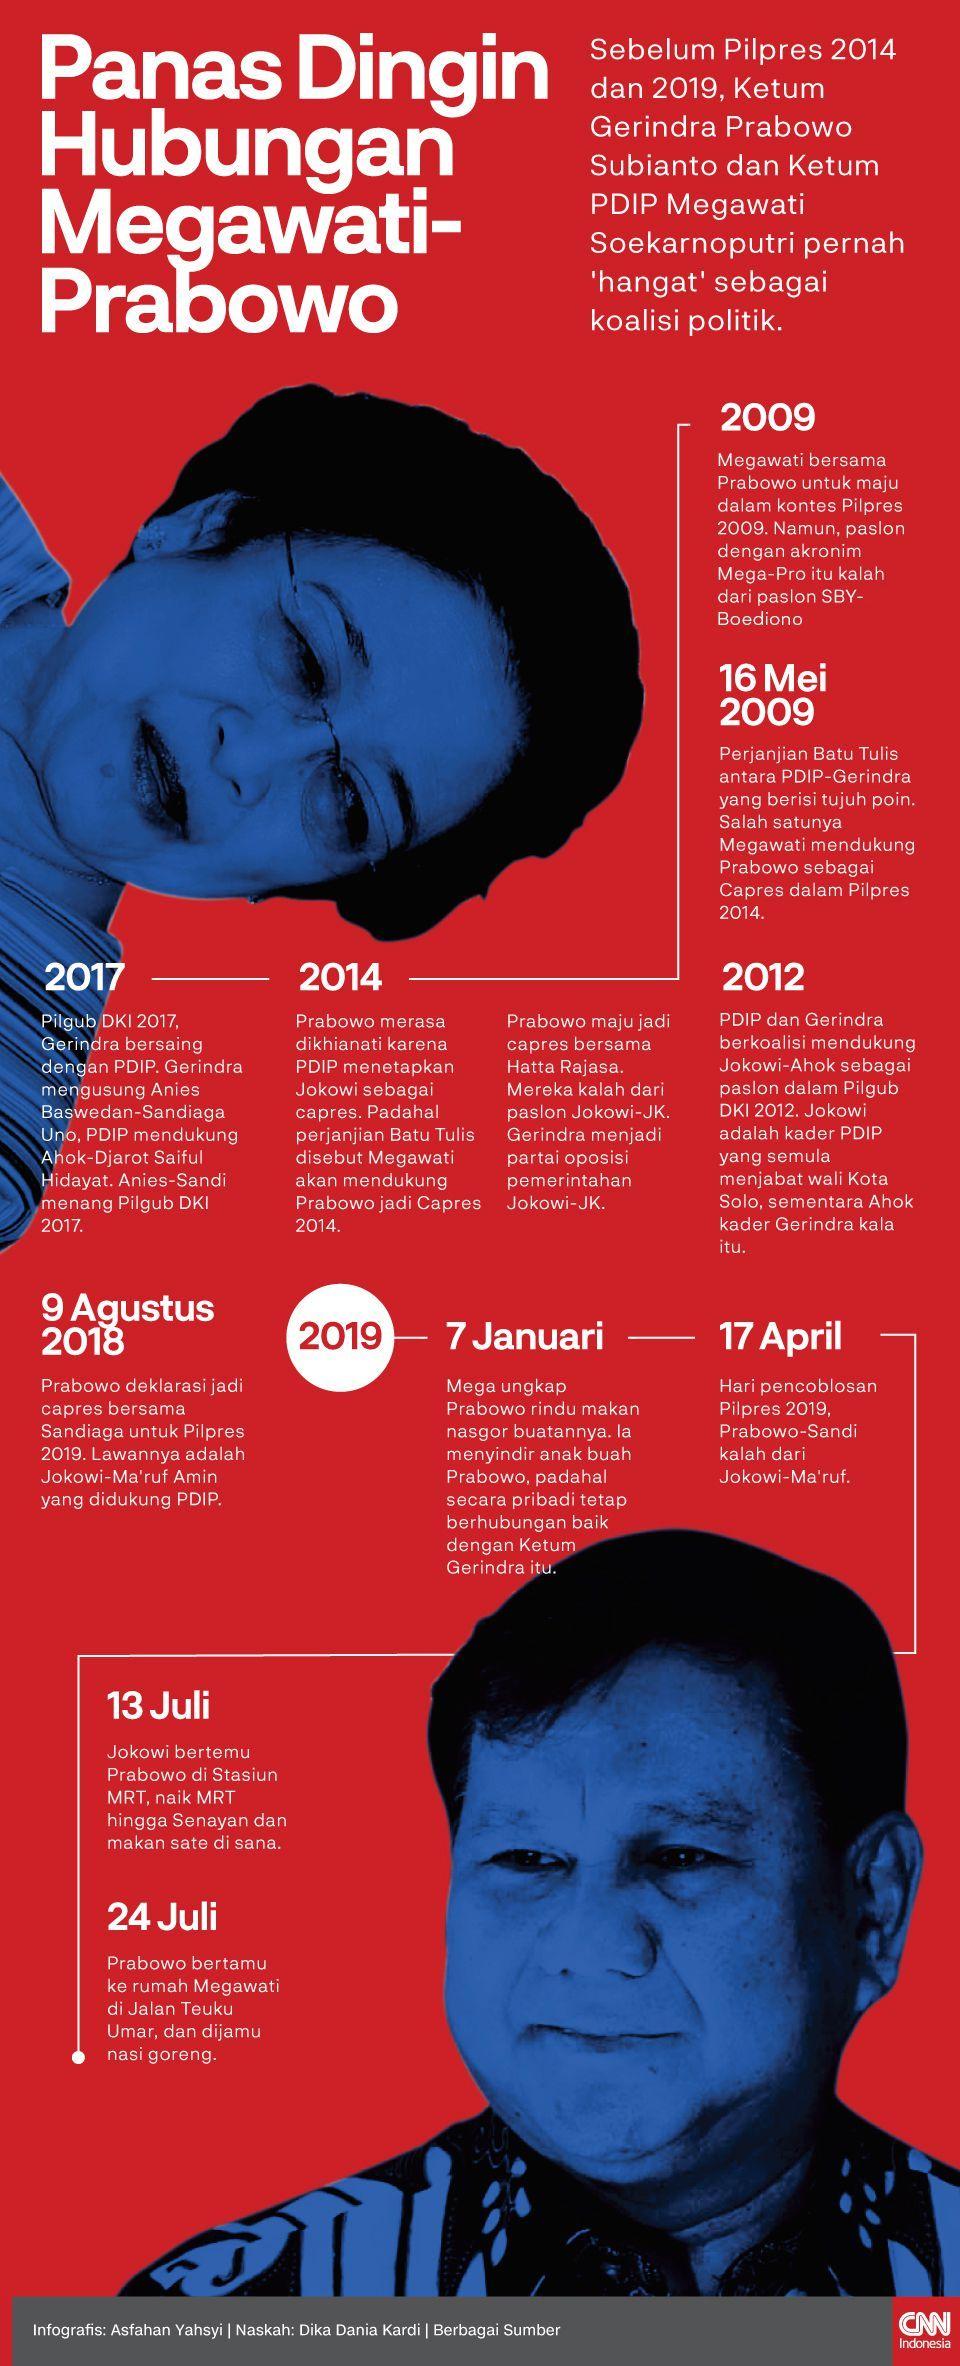 Infografis Panas Dingin Hubungan Megawati-Prabowo